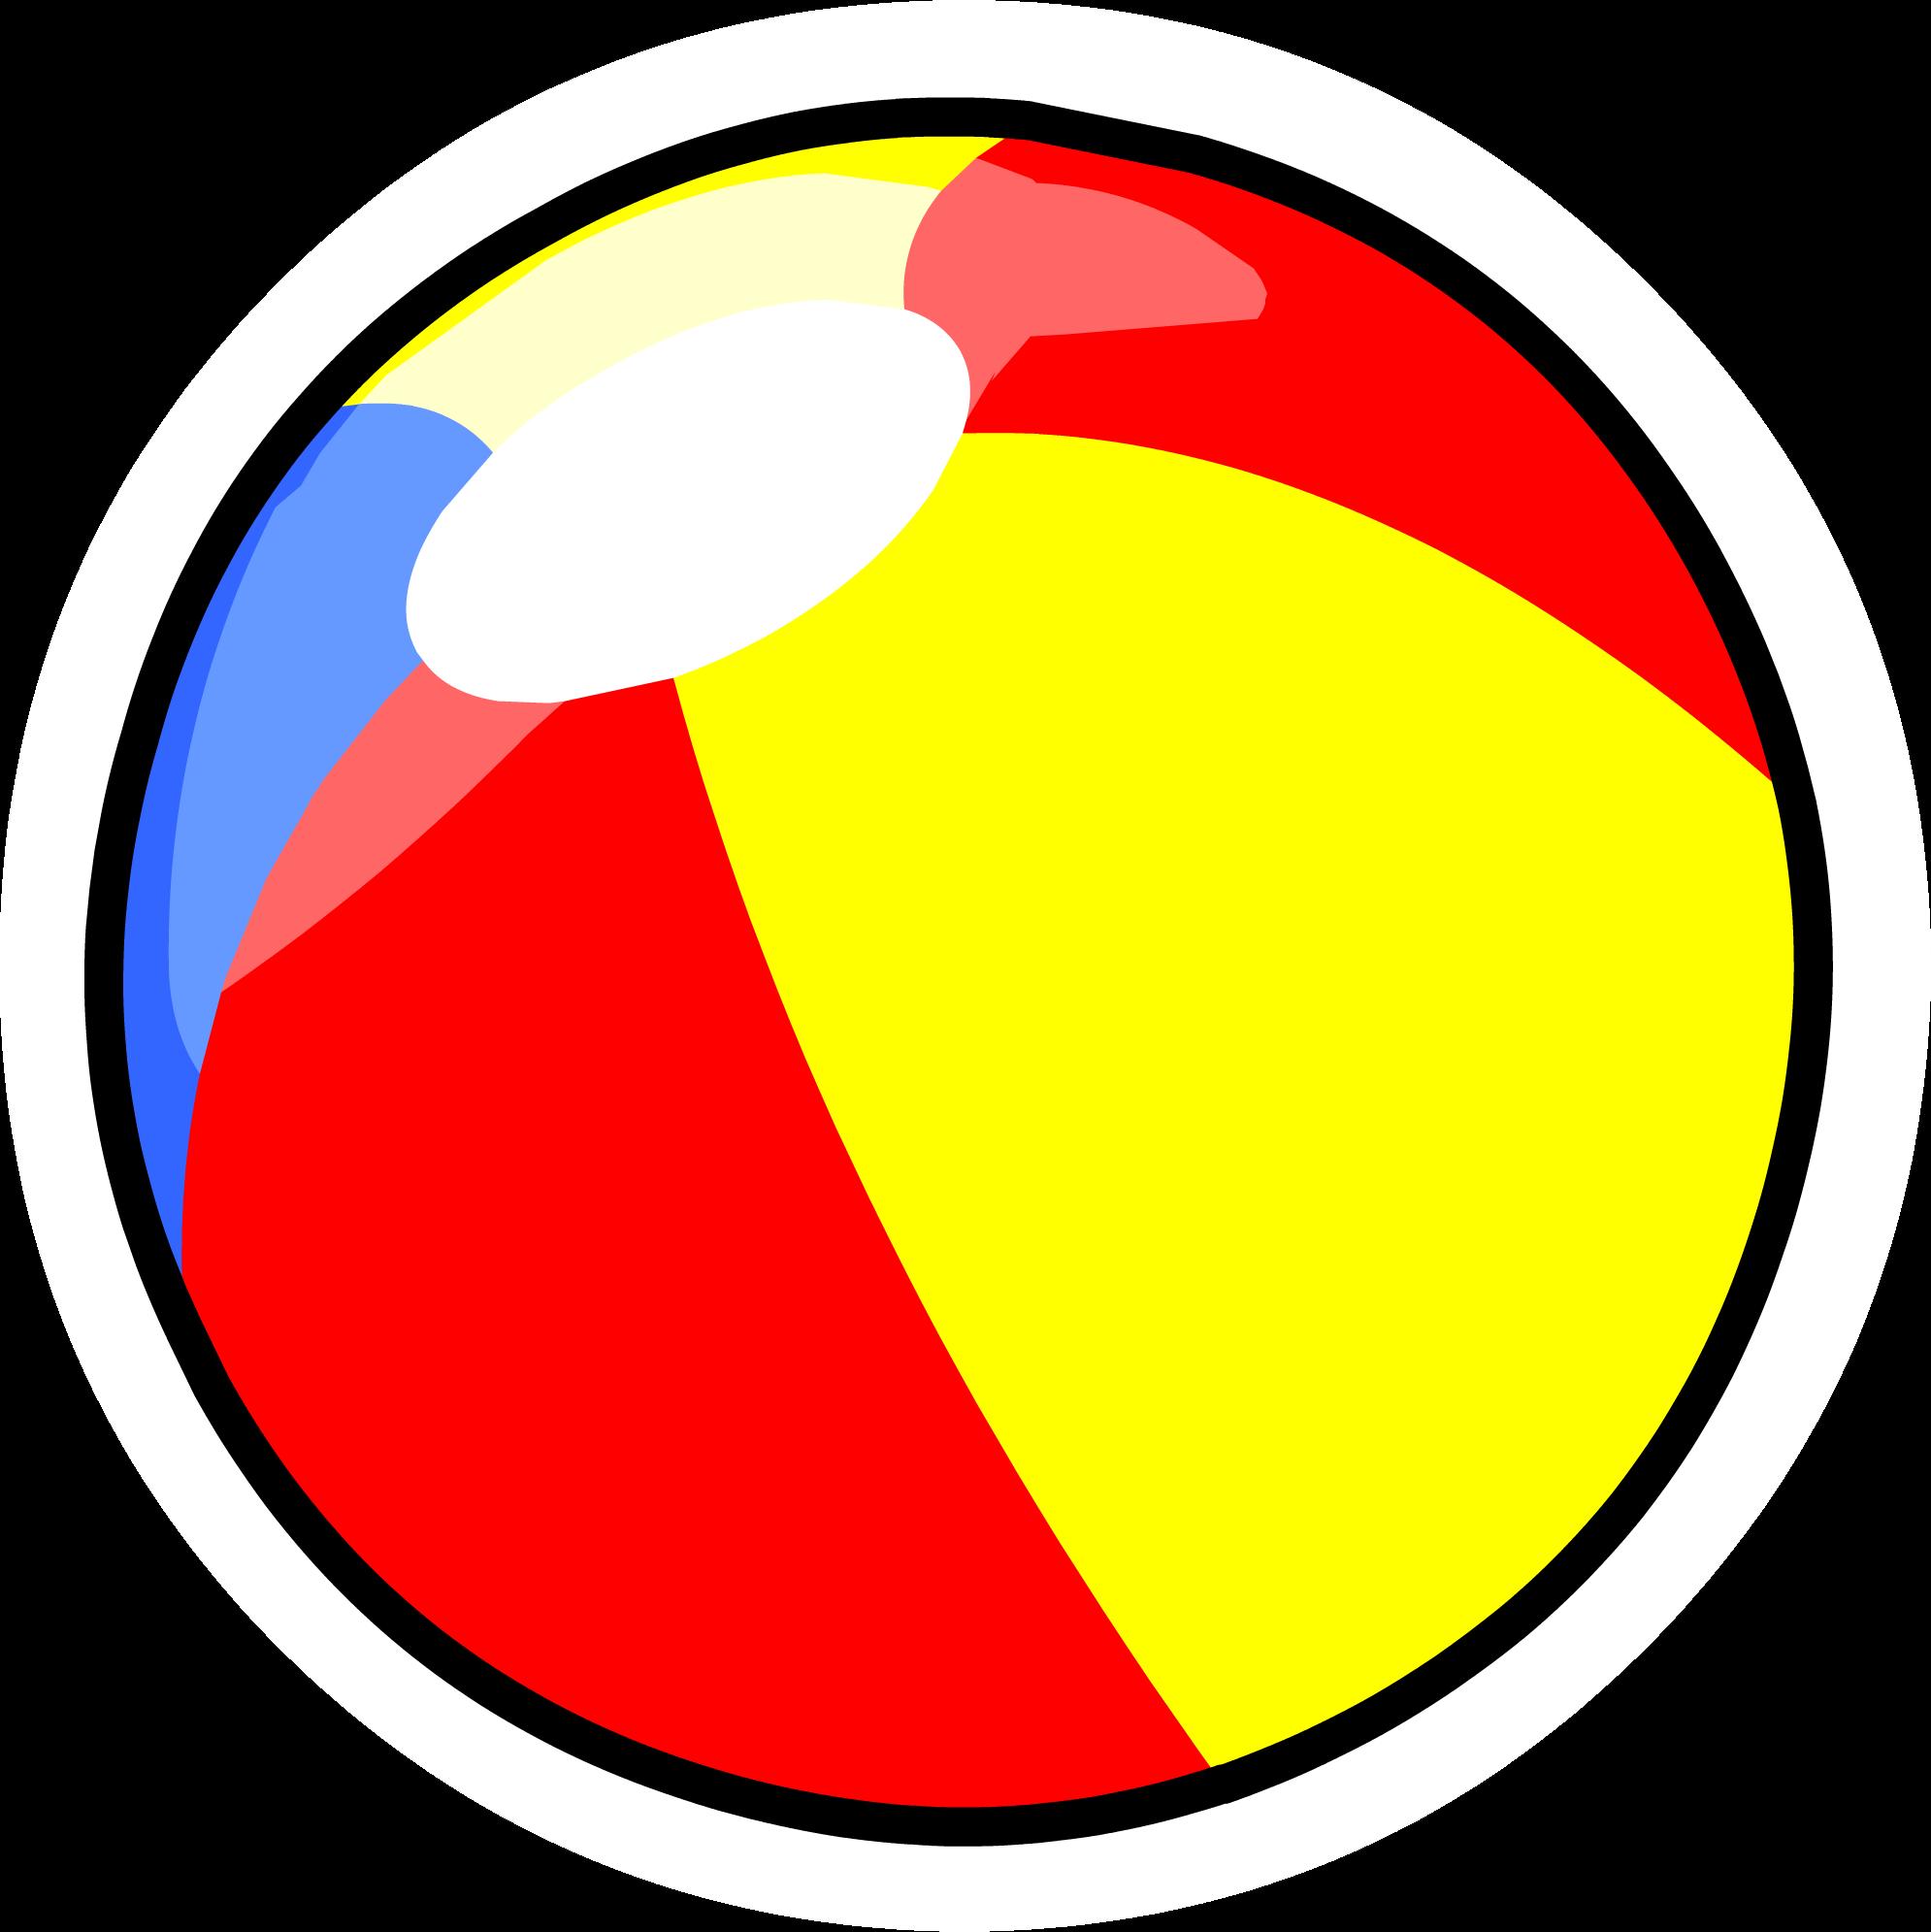 Club clipart ball. Beach pin penguin wiki